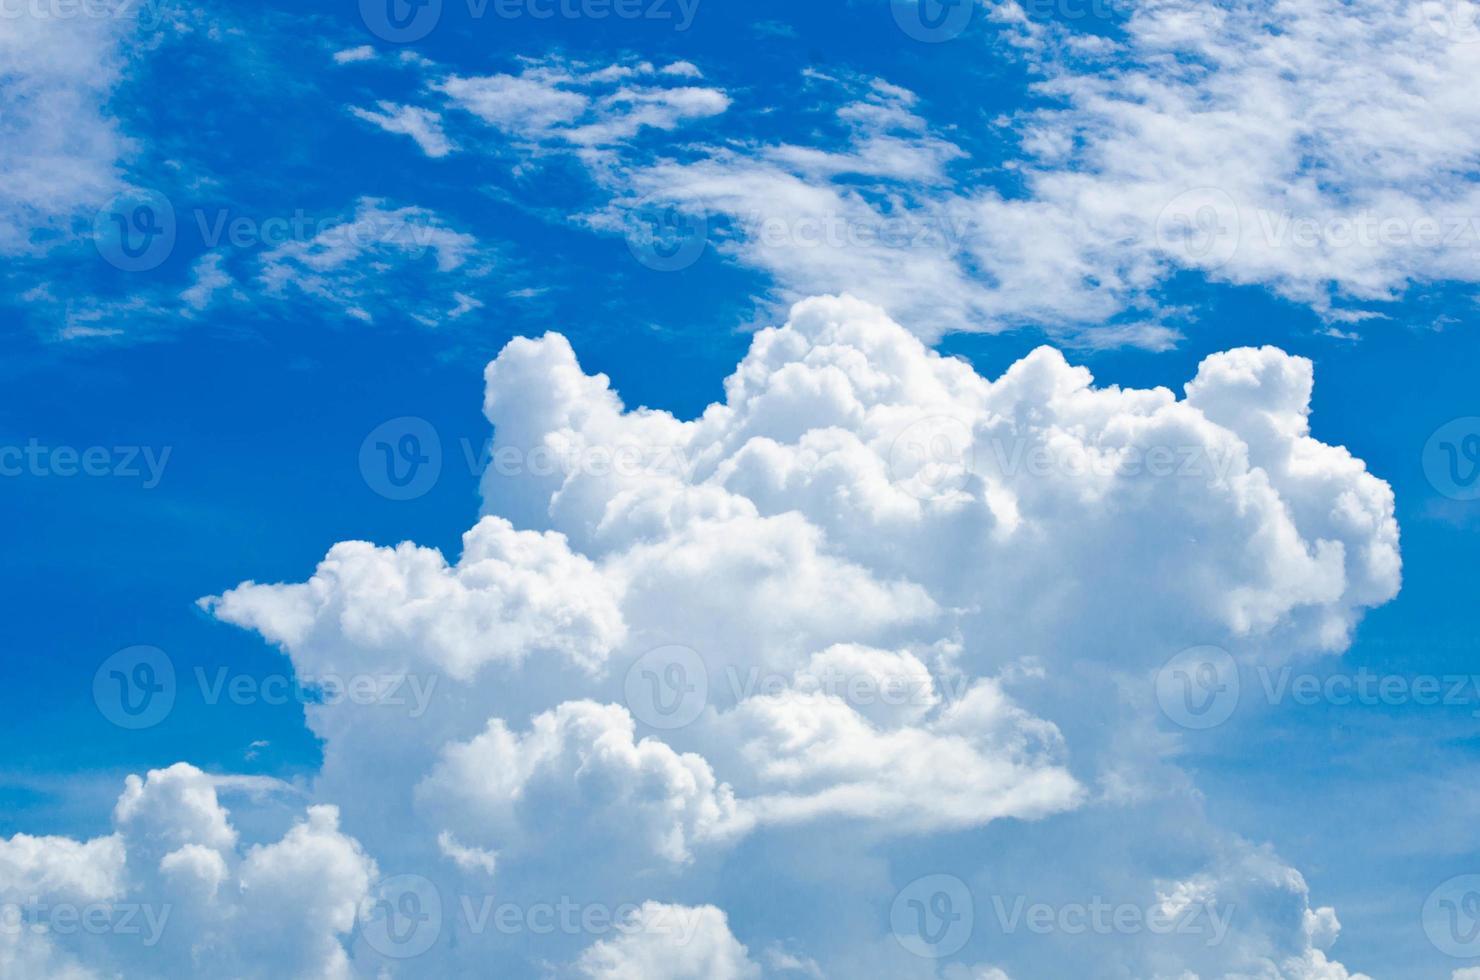 nuvens brancas com céu azul. foto